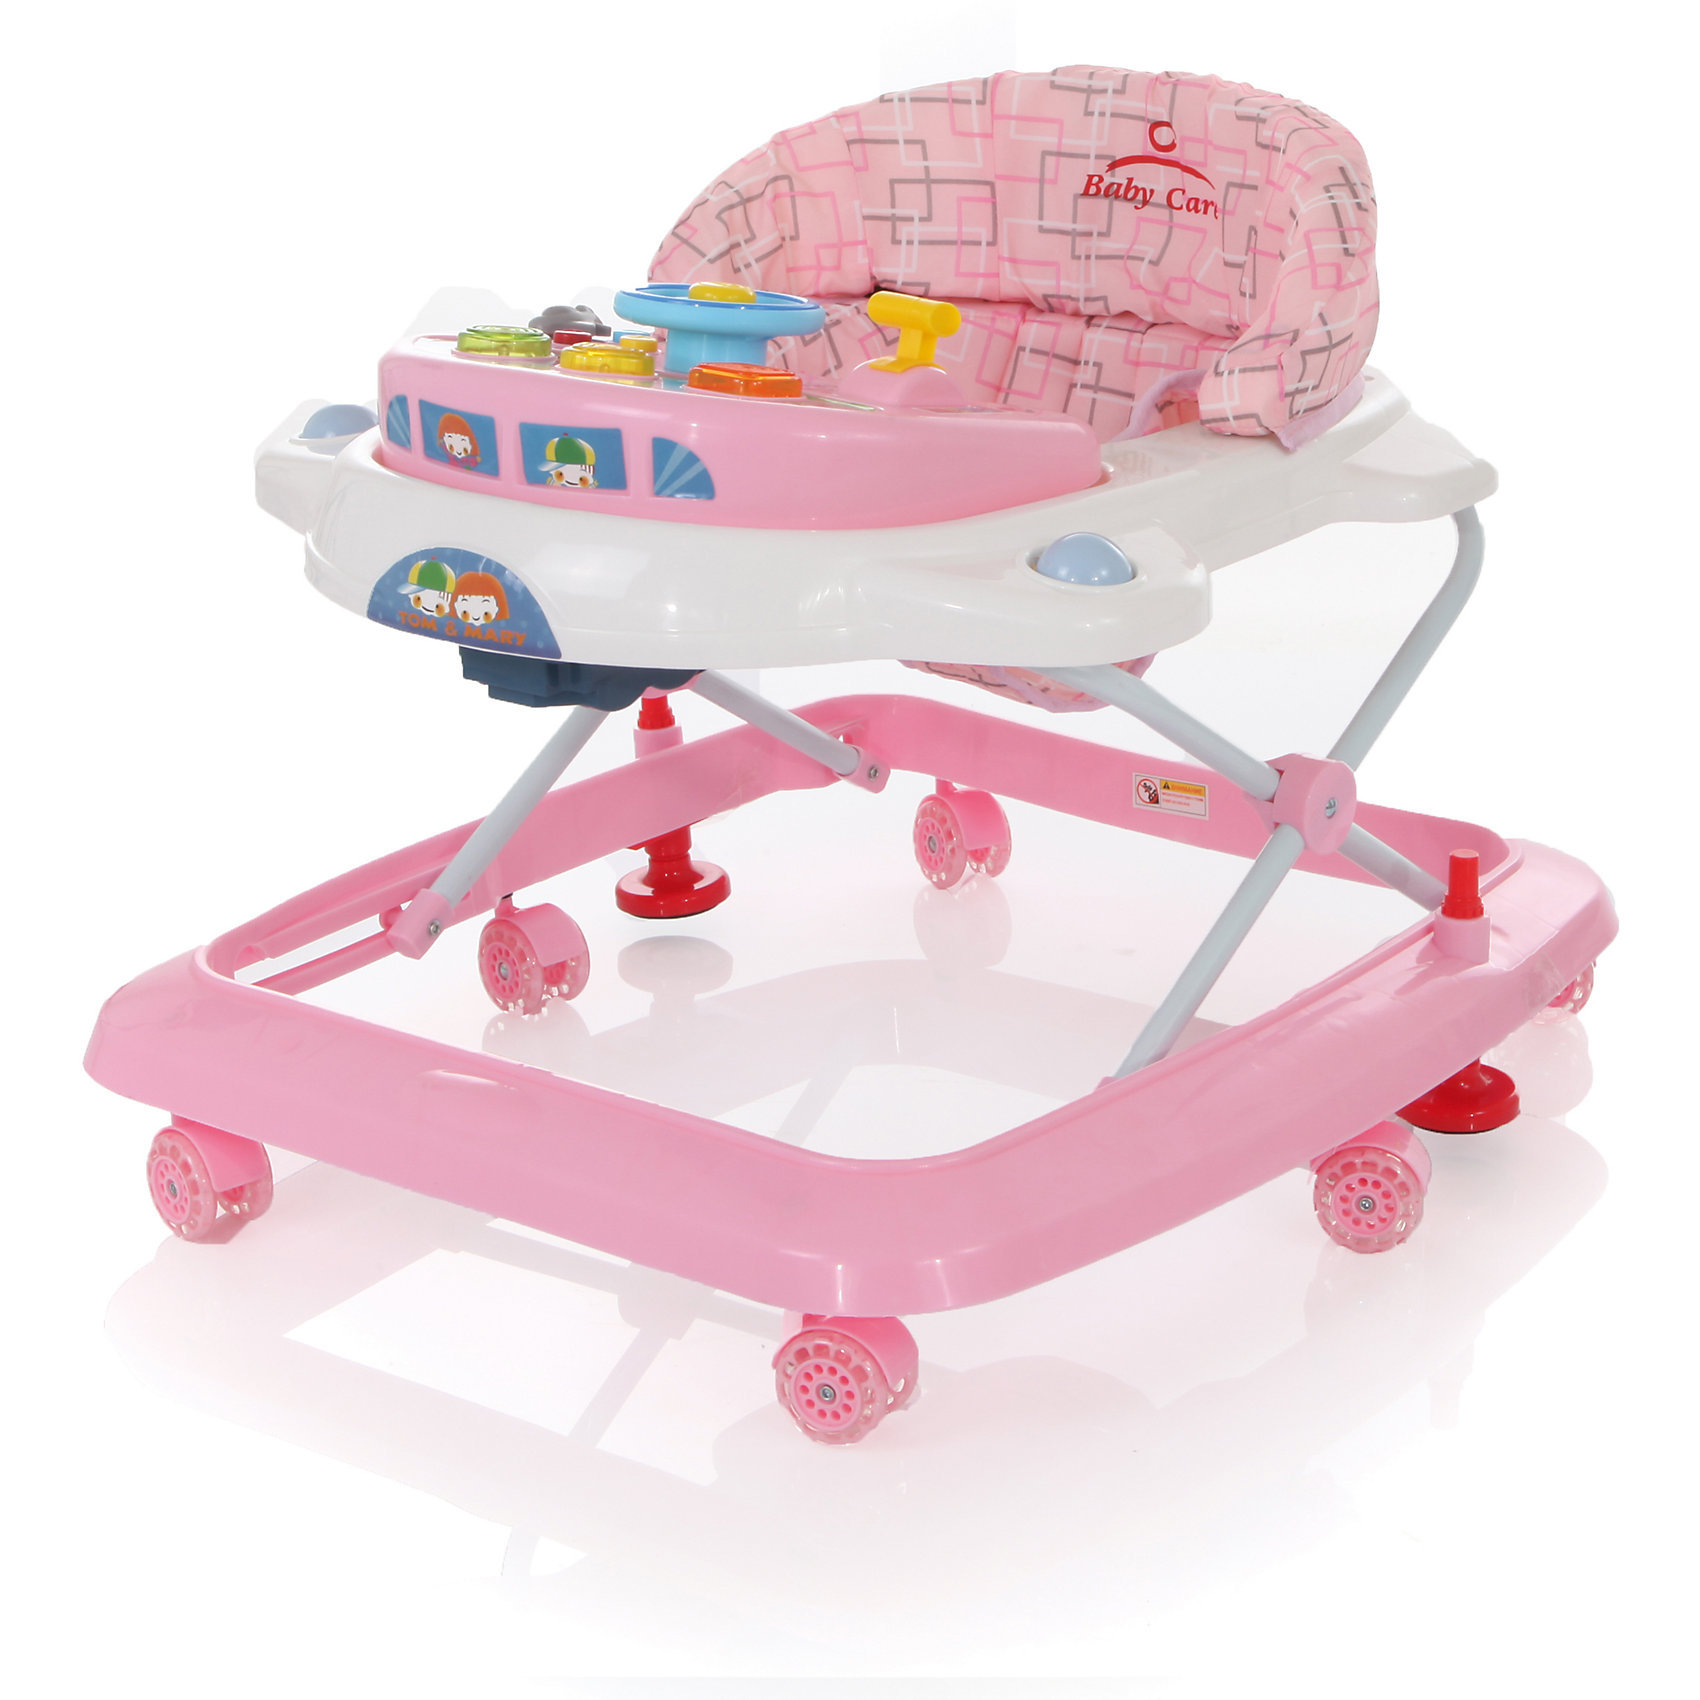 Фото Baby Care Ходунки Tom&Mary, Baby Care, розовый